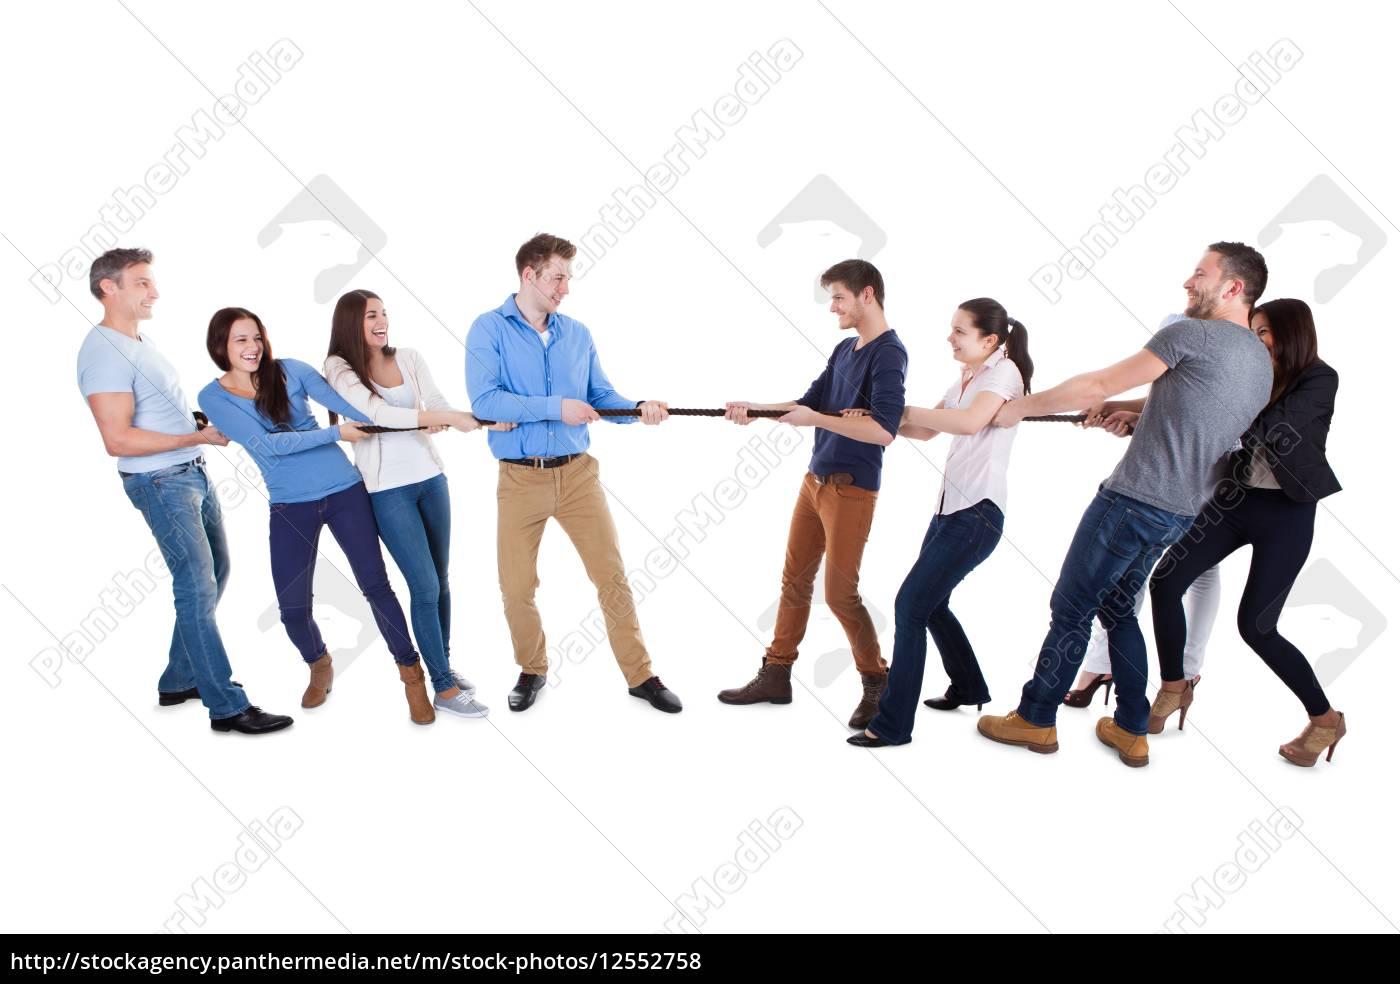 zwei, gegnerischen, mannschaften, ein, tauziehen, mit - 12552758